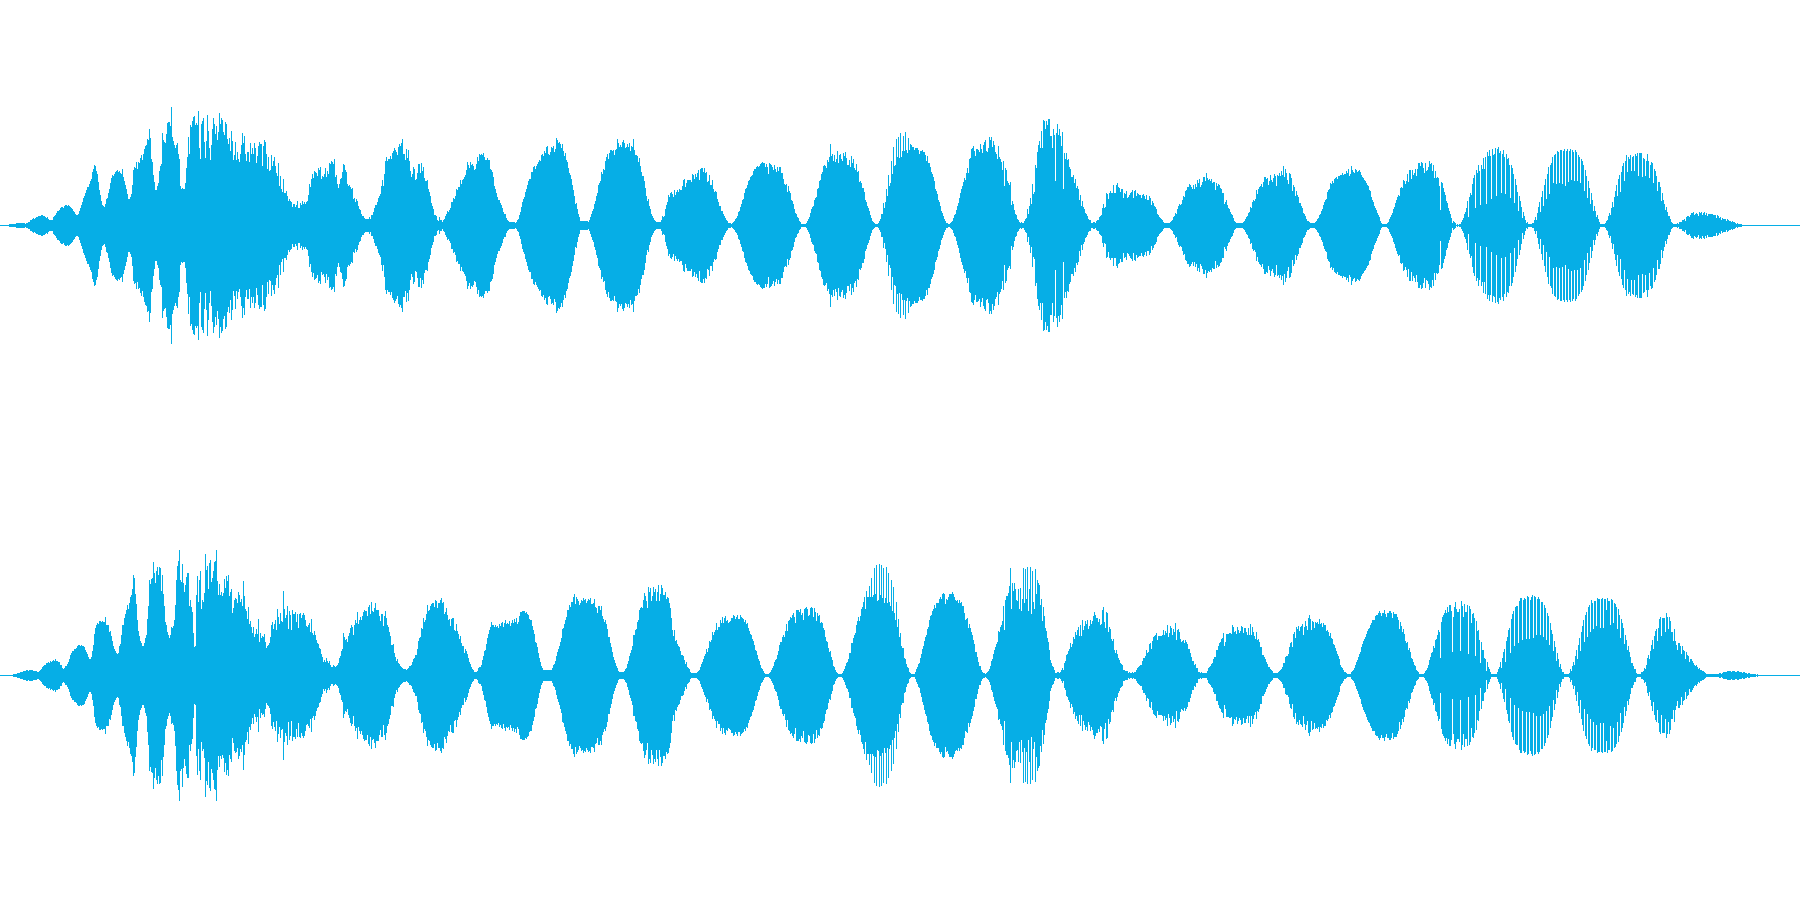 スペースレースの解消の解決の再生済みの波形